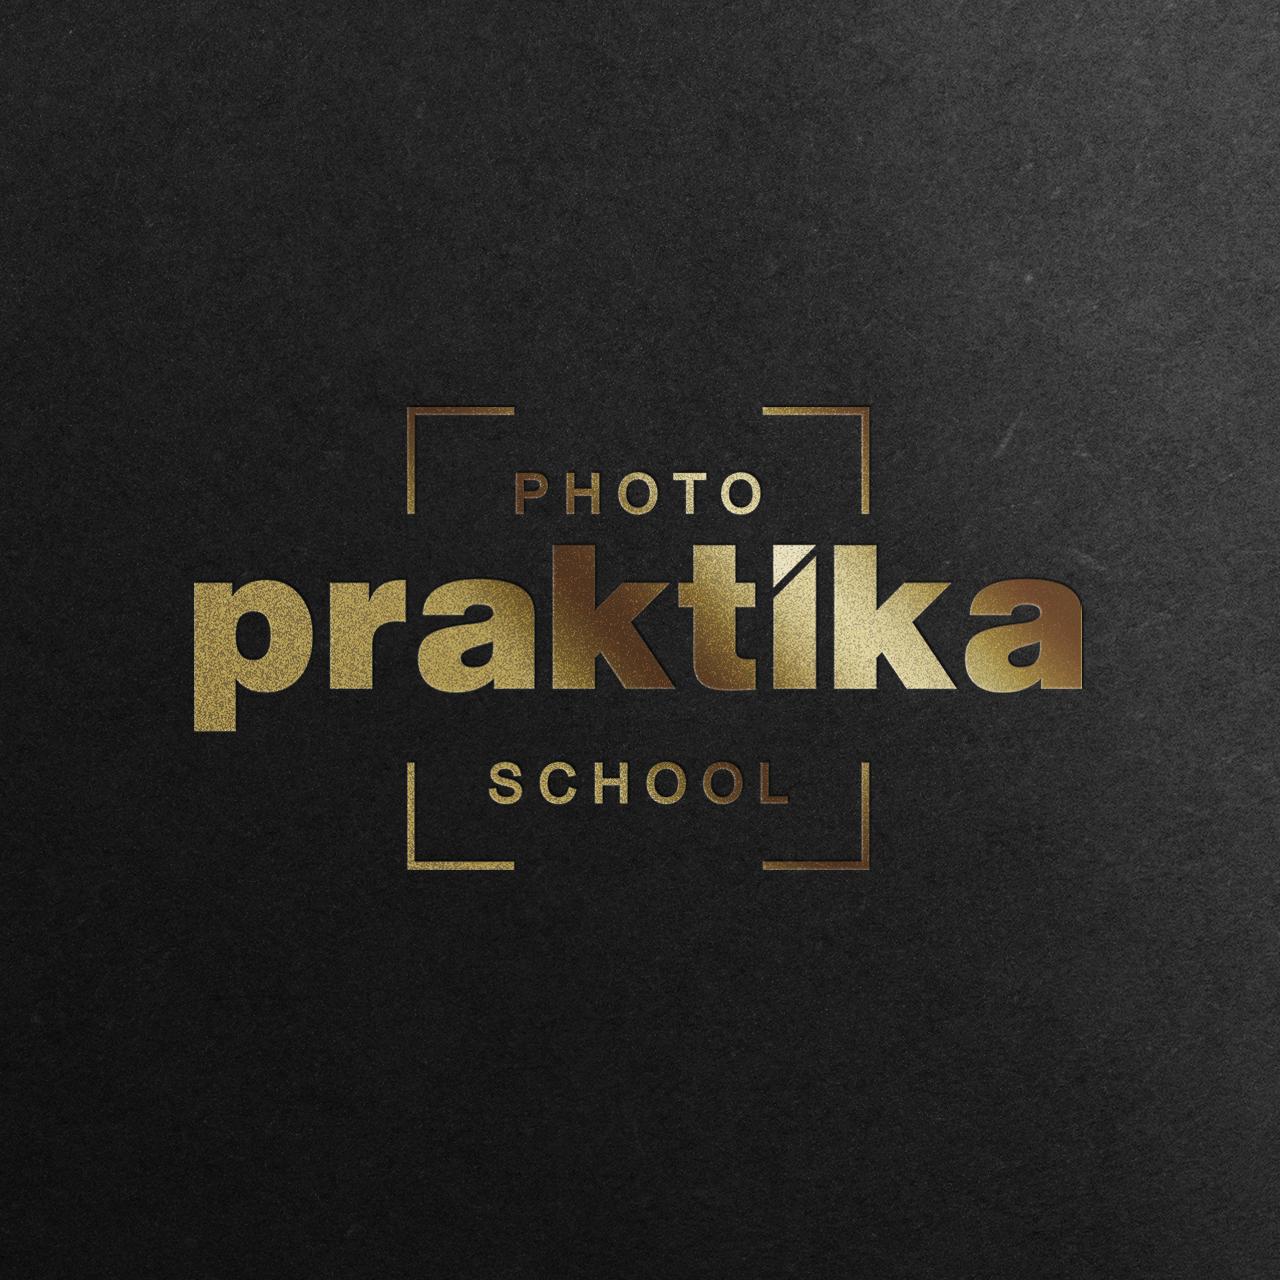 praktika-logo-mockup-gold